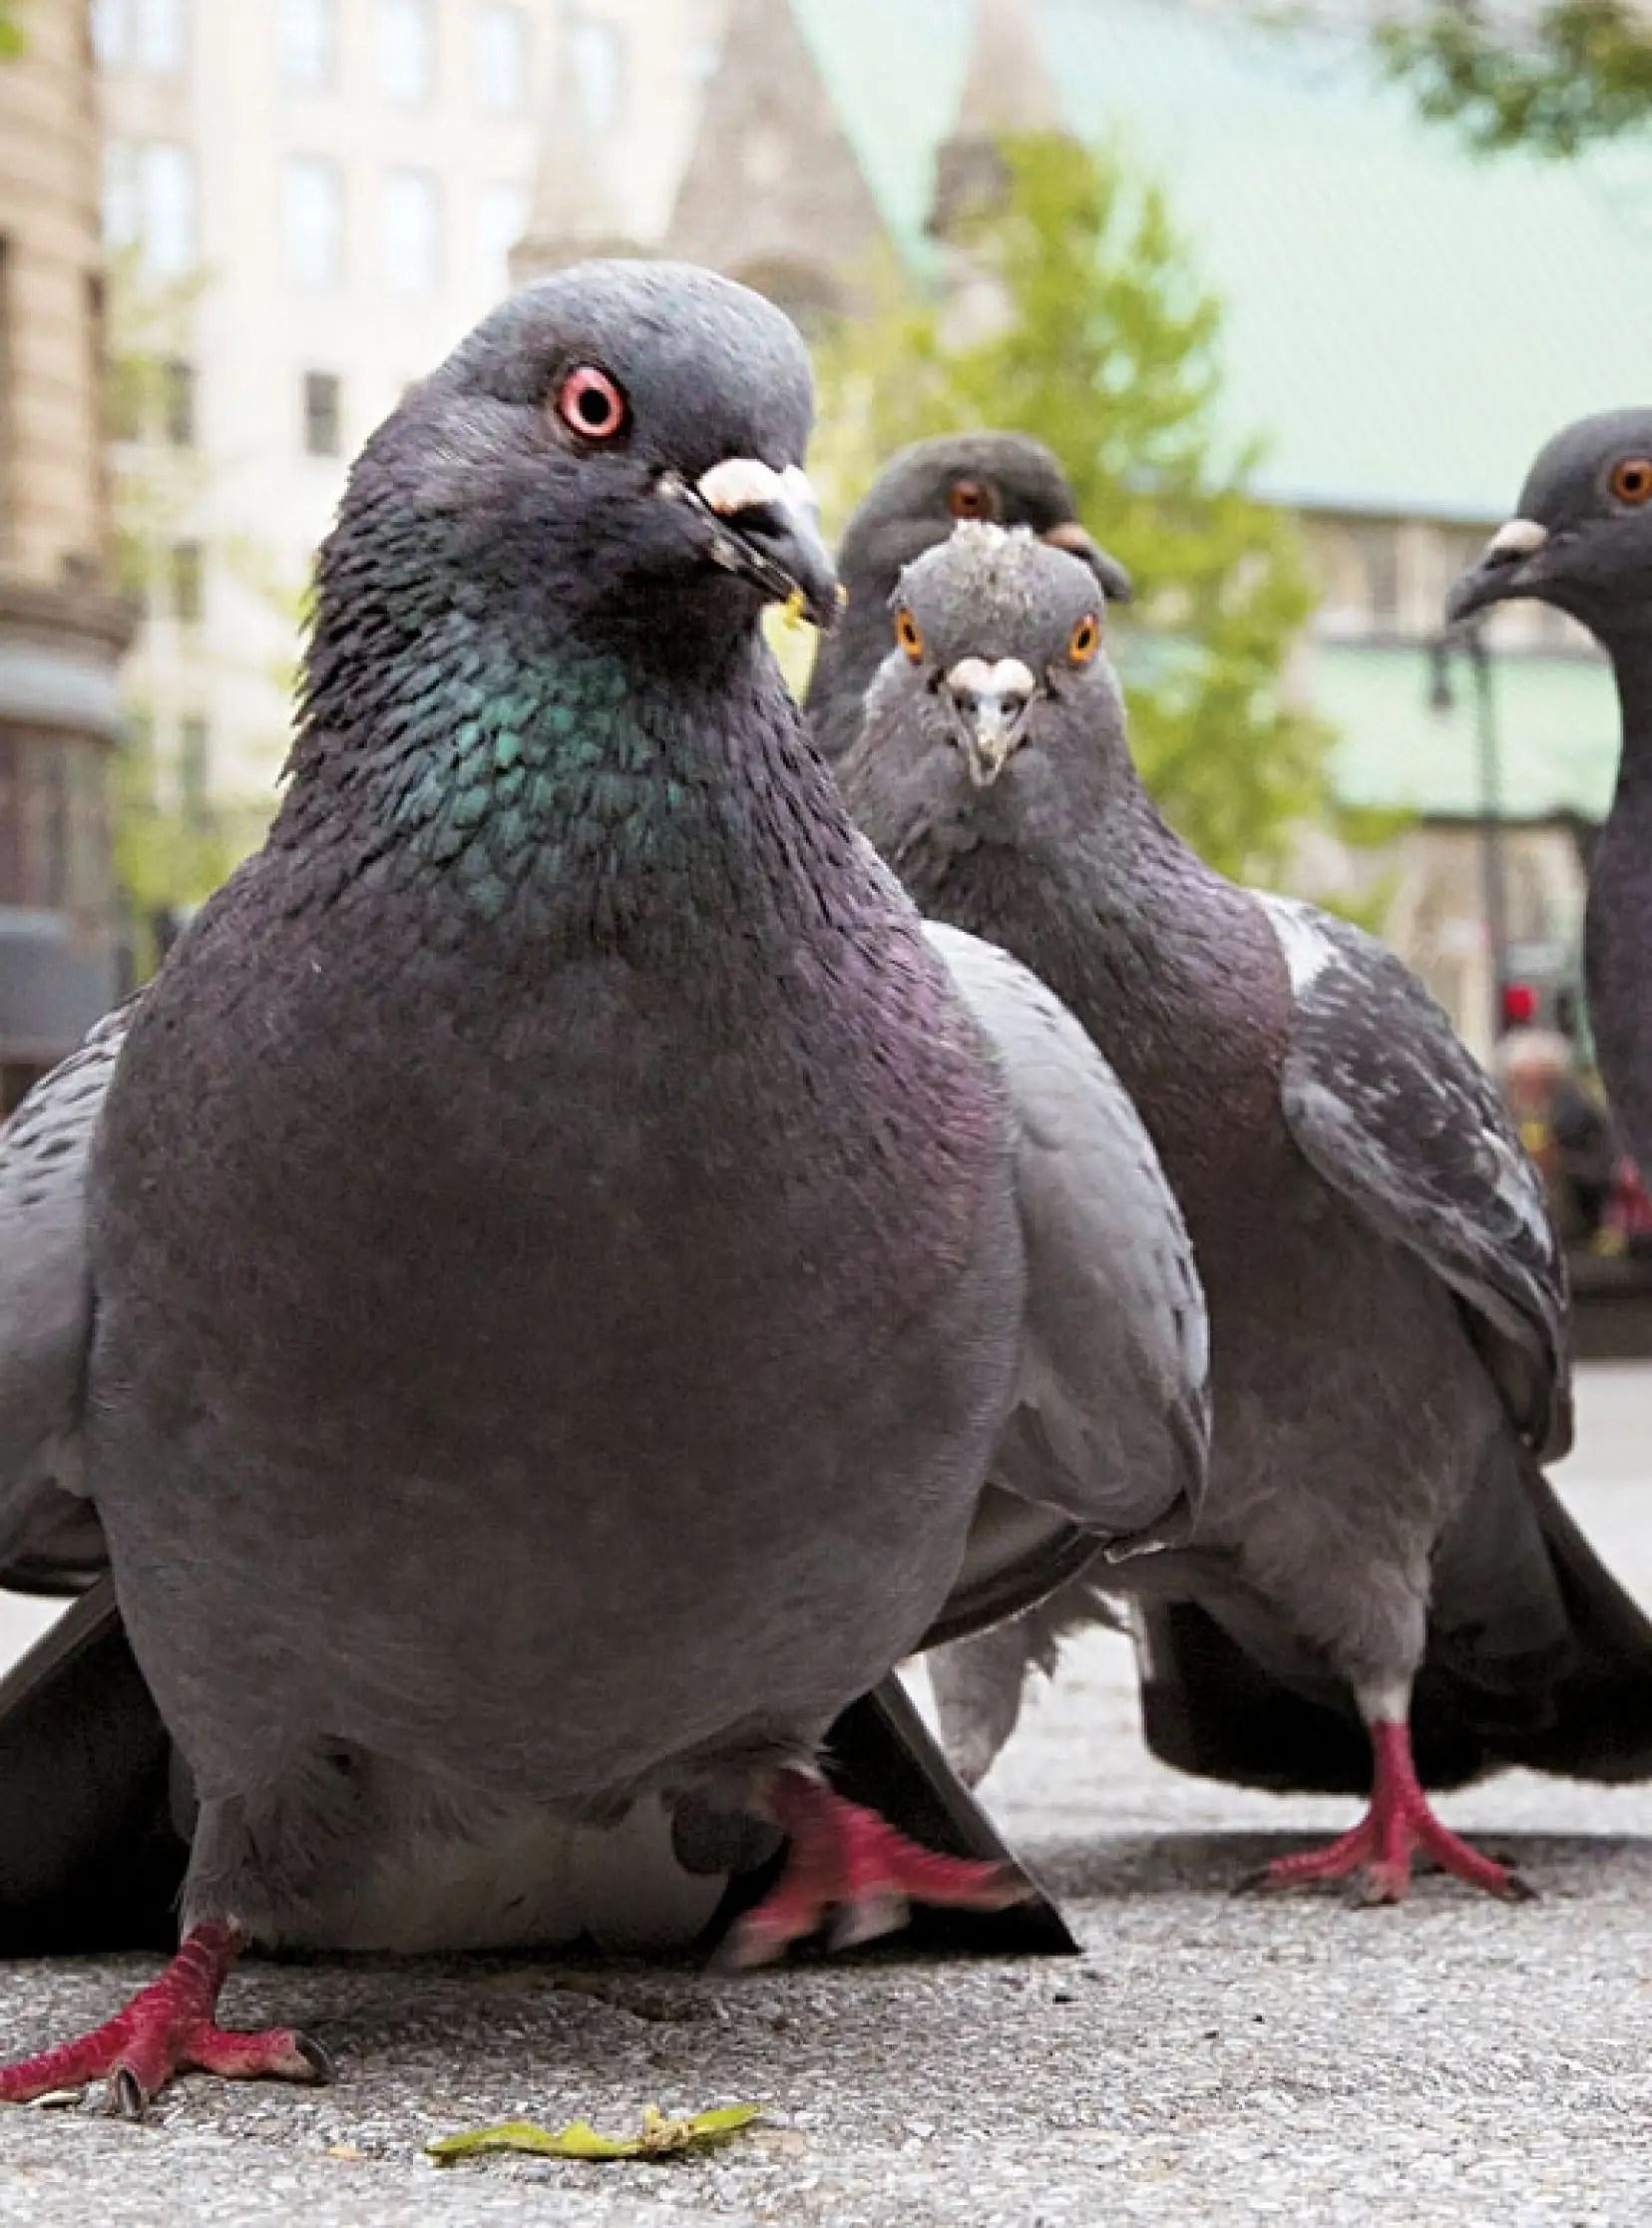 Ce Que Detestent Les Pigeons : detestent, pigeons, Faut-il, Réhabiliter, Pigeon, Biset?, Devoir